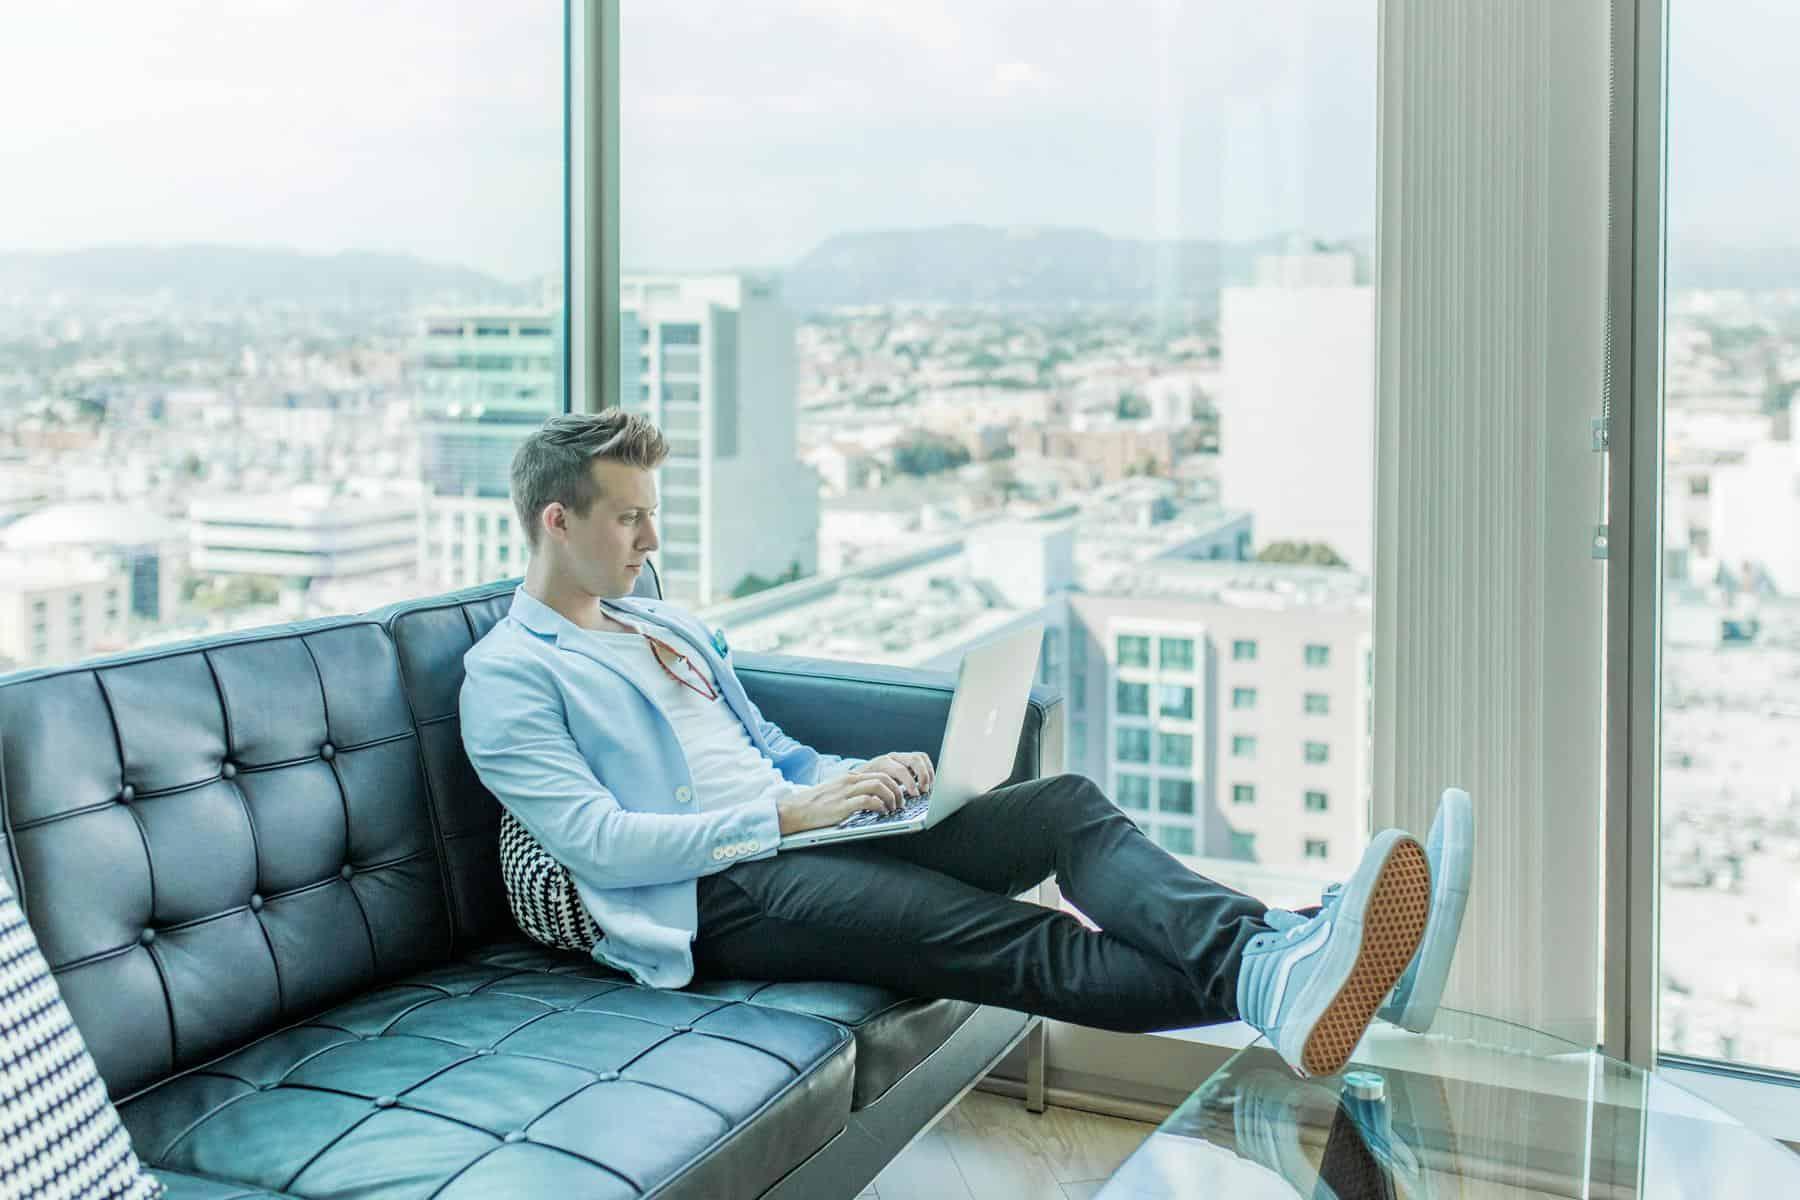 Das Foto zeigt einen jungen Mann der gerade remote mit seinem Notebook arbeitet.